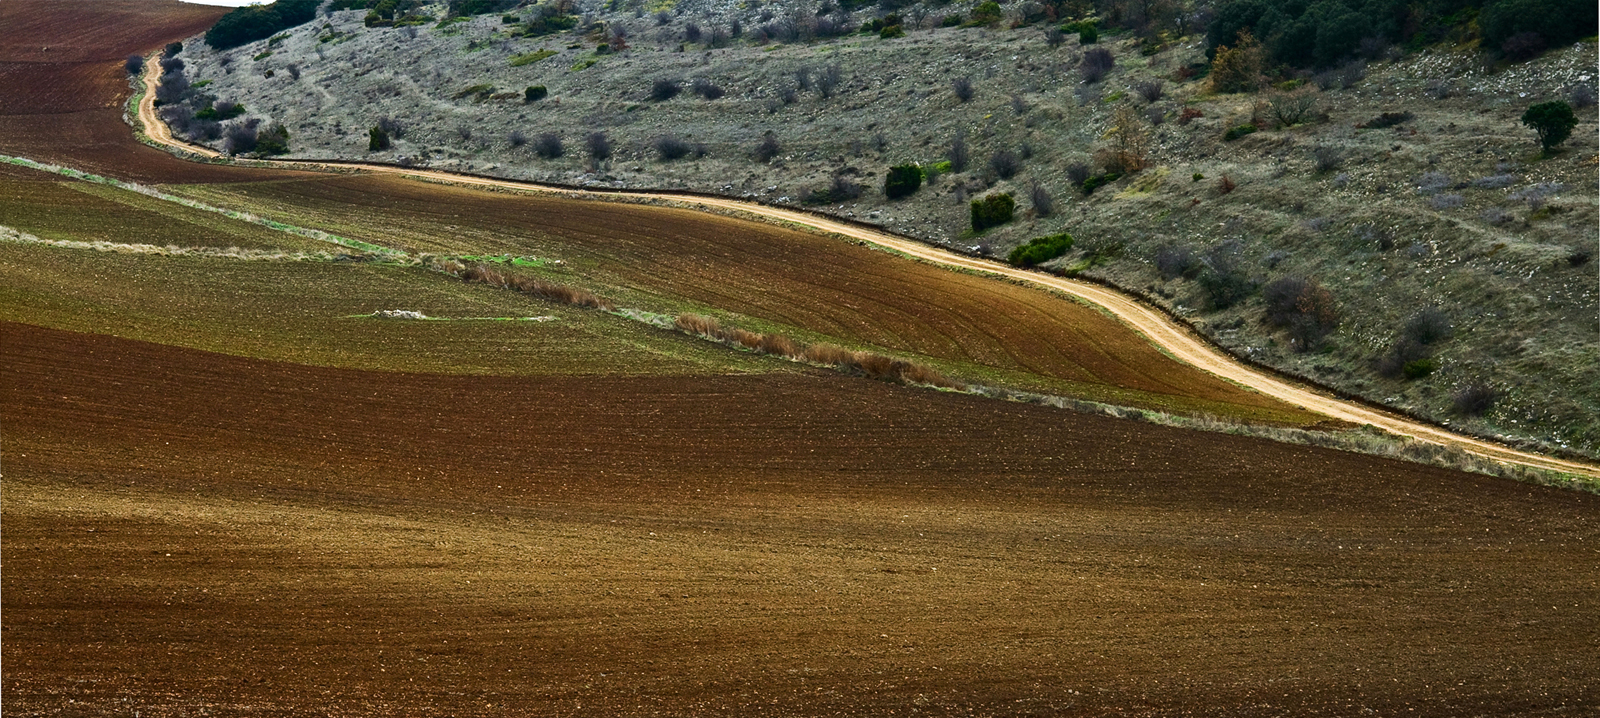 Entre el monte y el sembrado